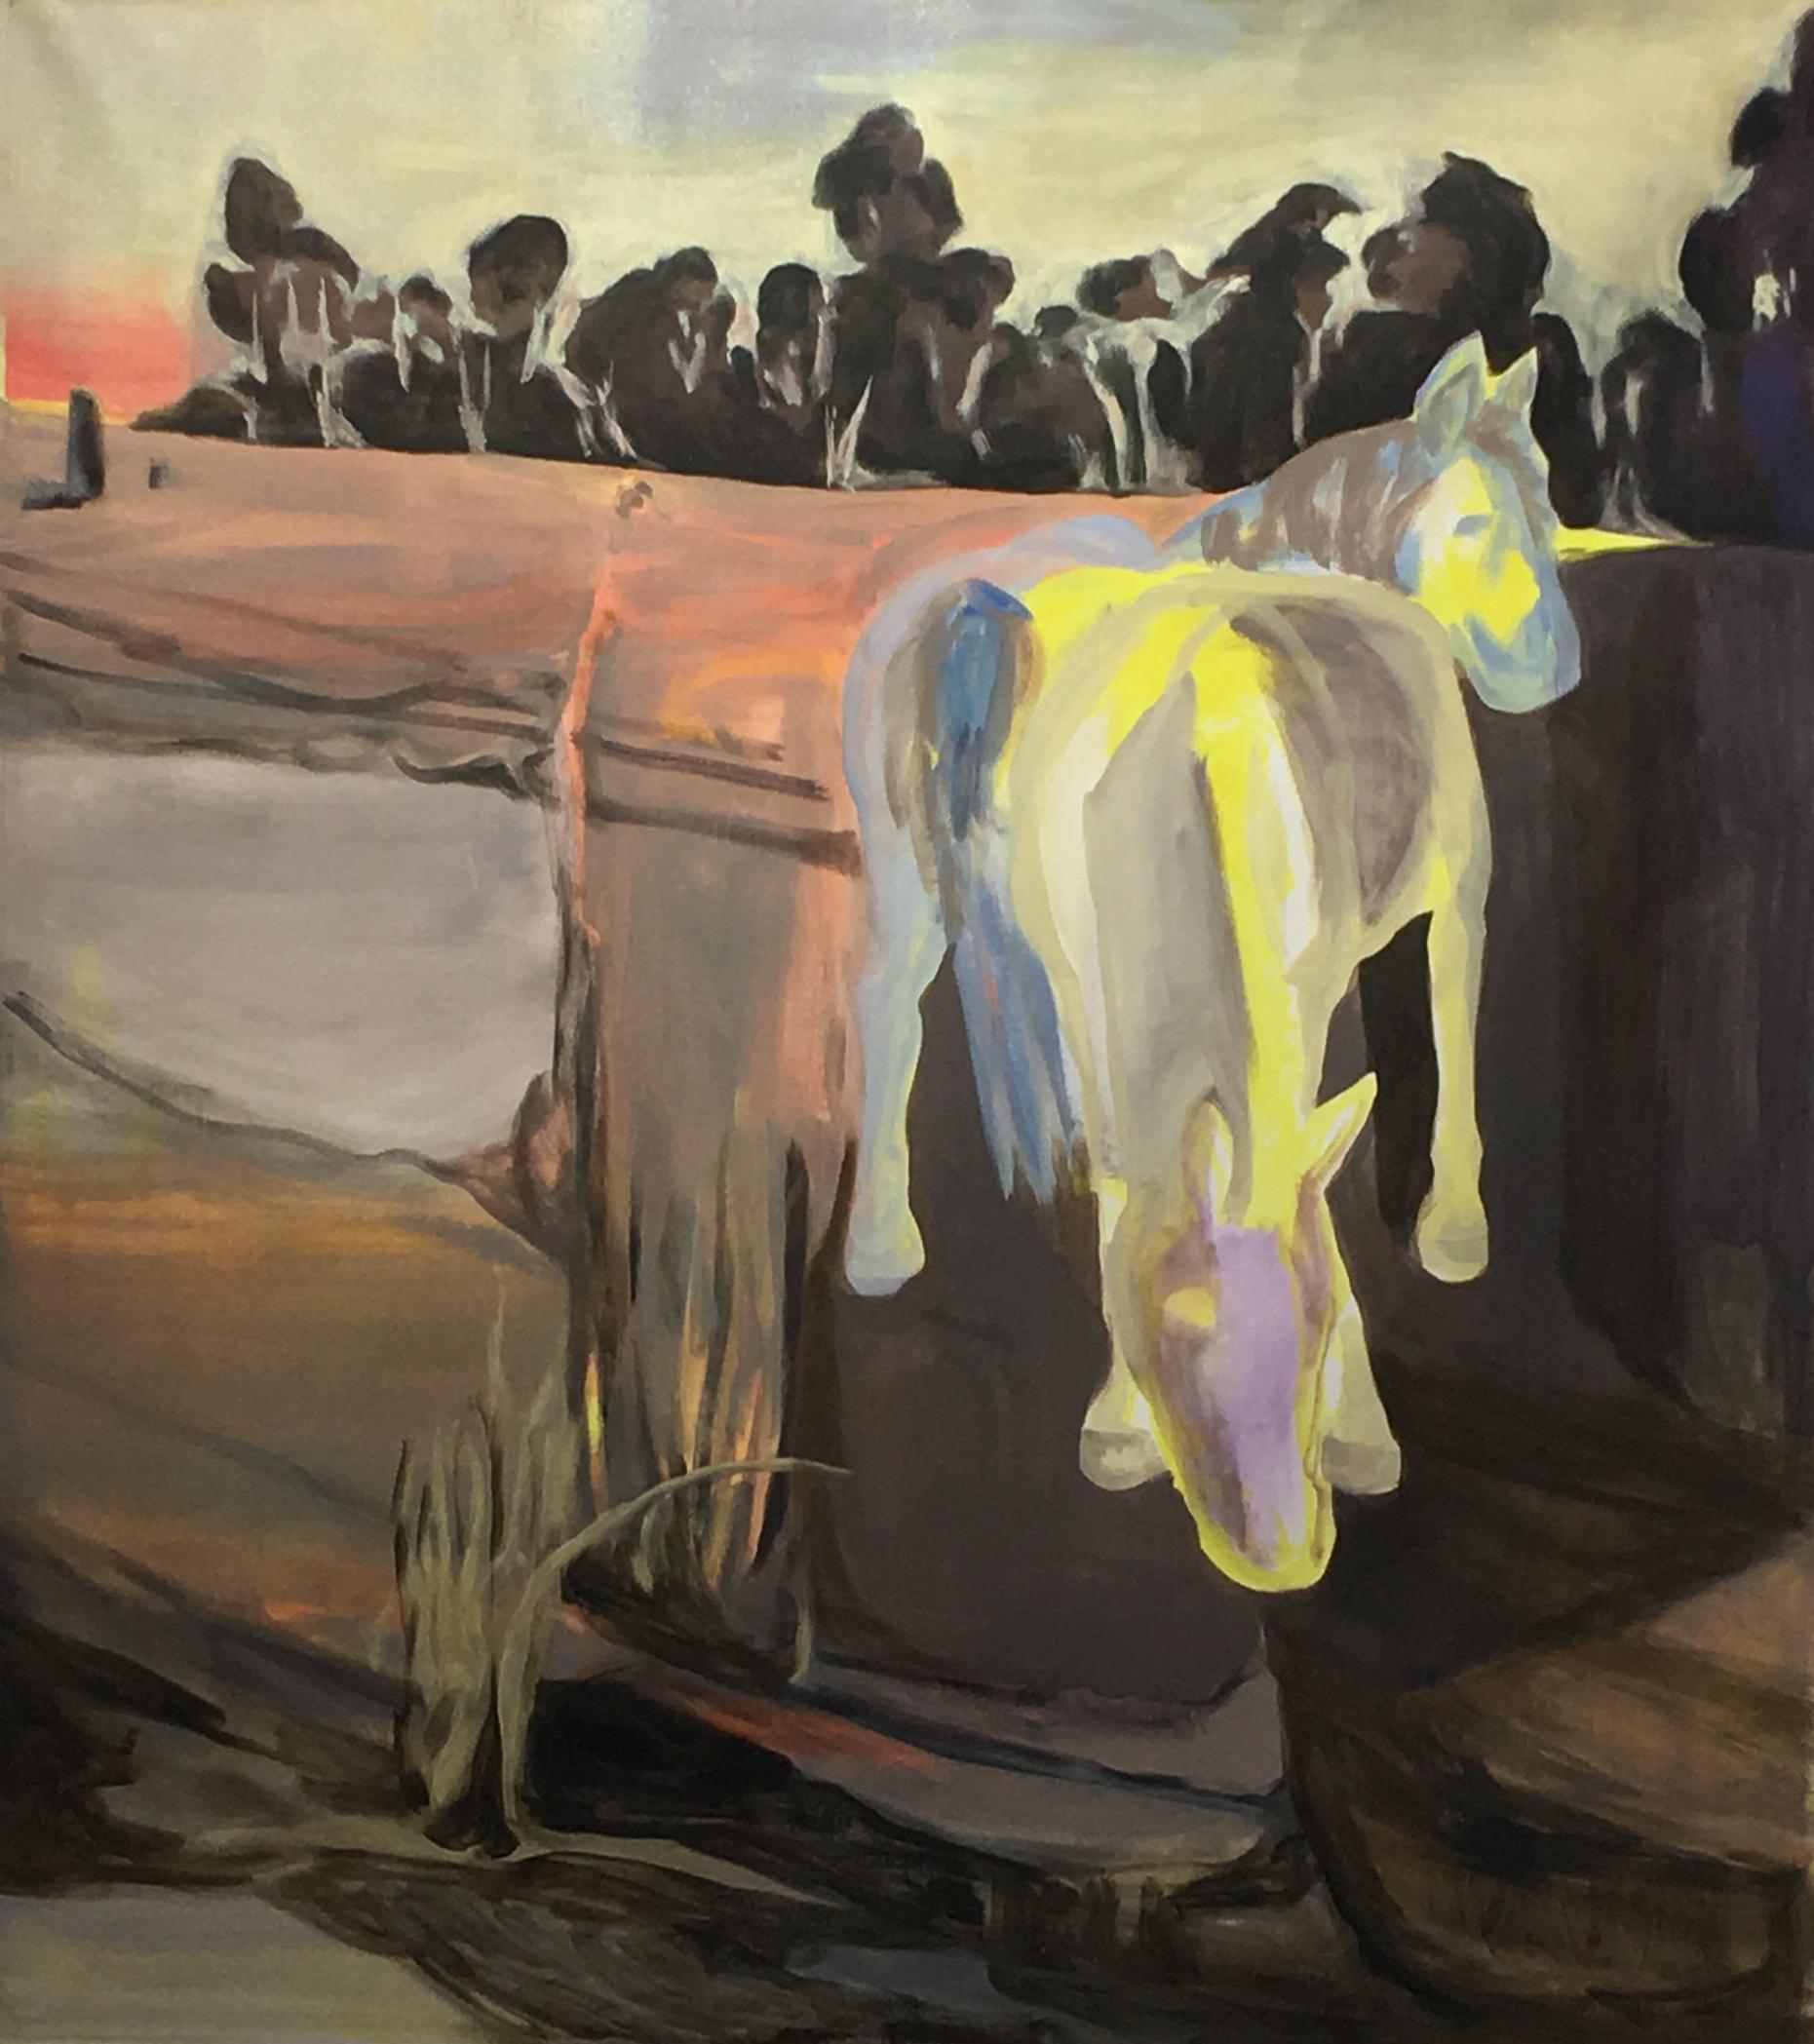 Bush Pony, Oil and Acrylic on Canvas 102 x 138 cm